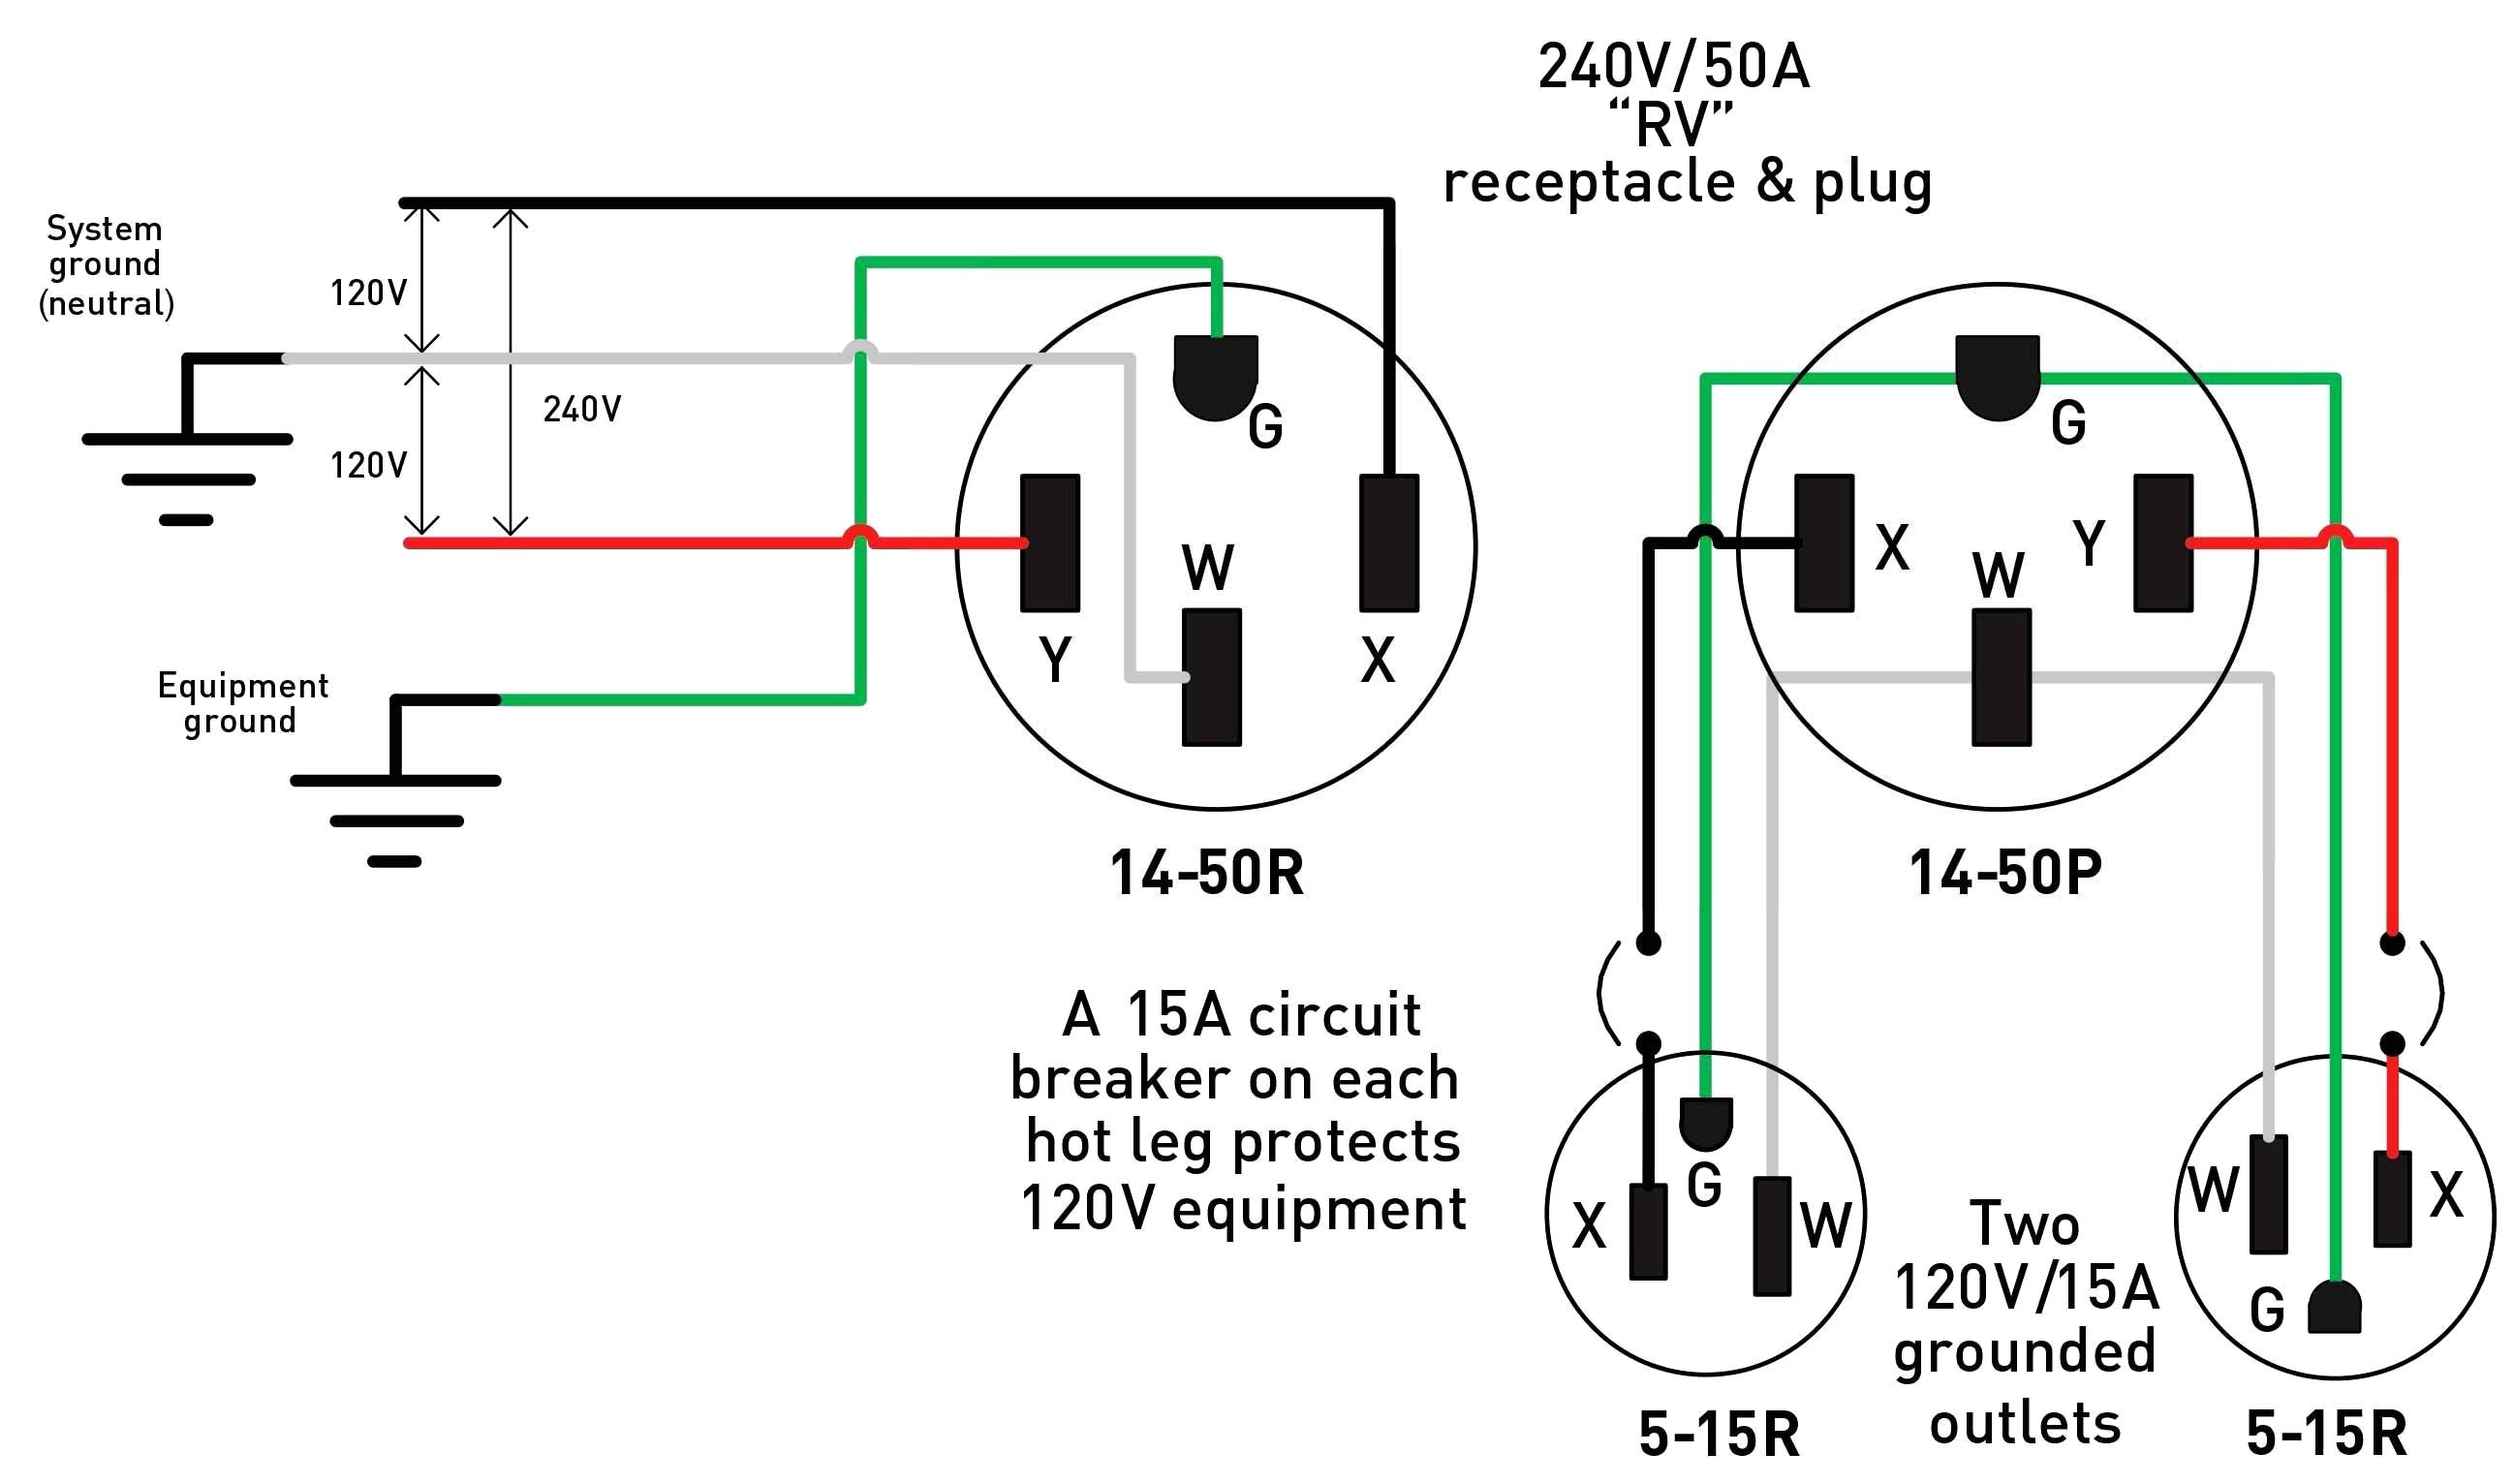 24 volt contactor wiring diagram elegant single phase contactor wiring diagram 1 jpg